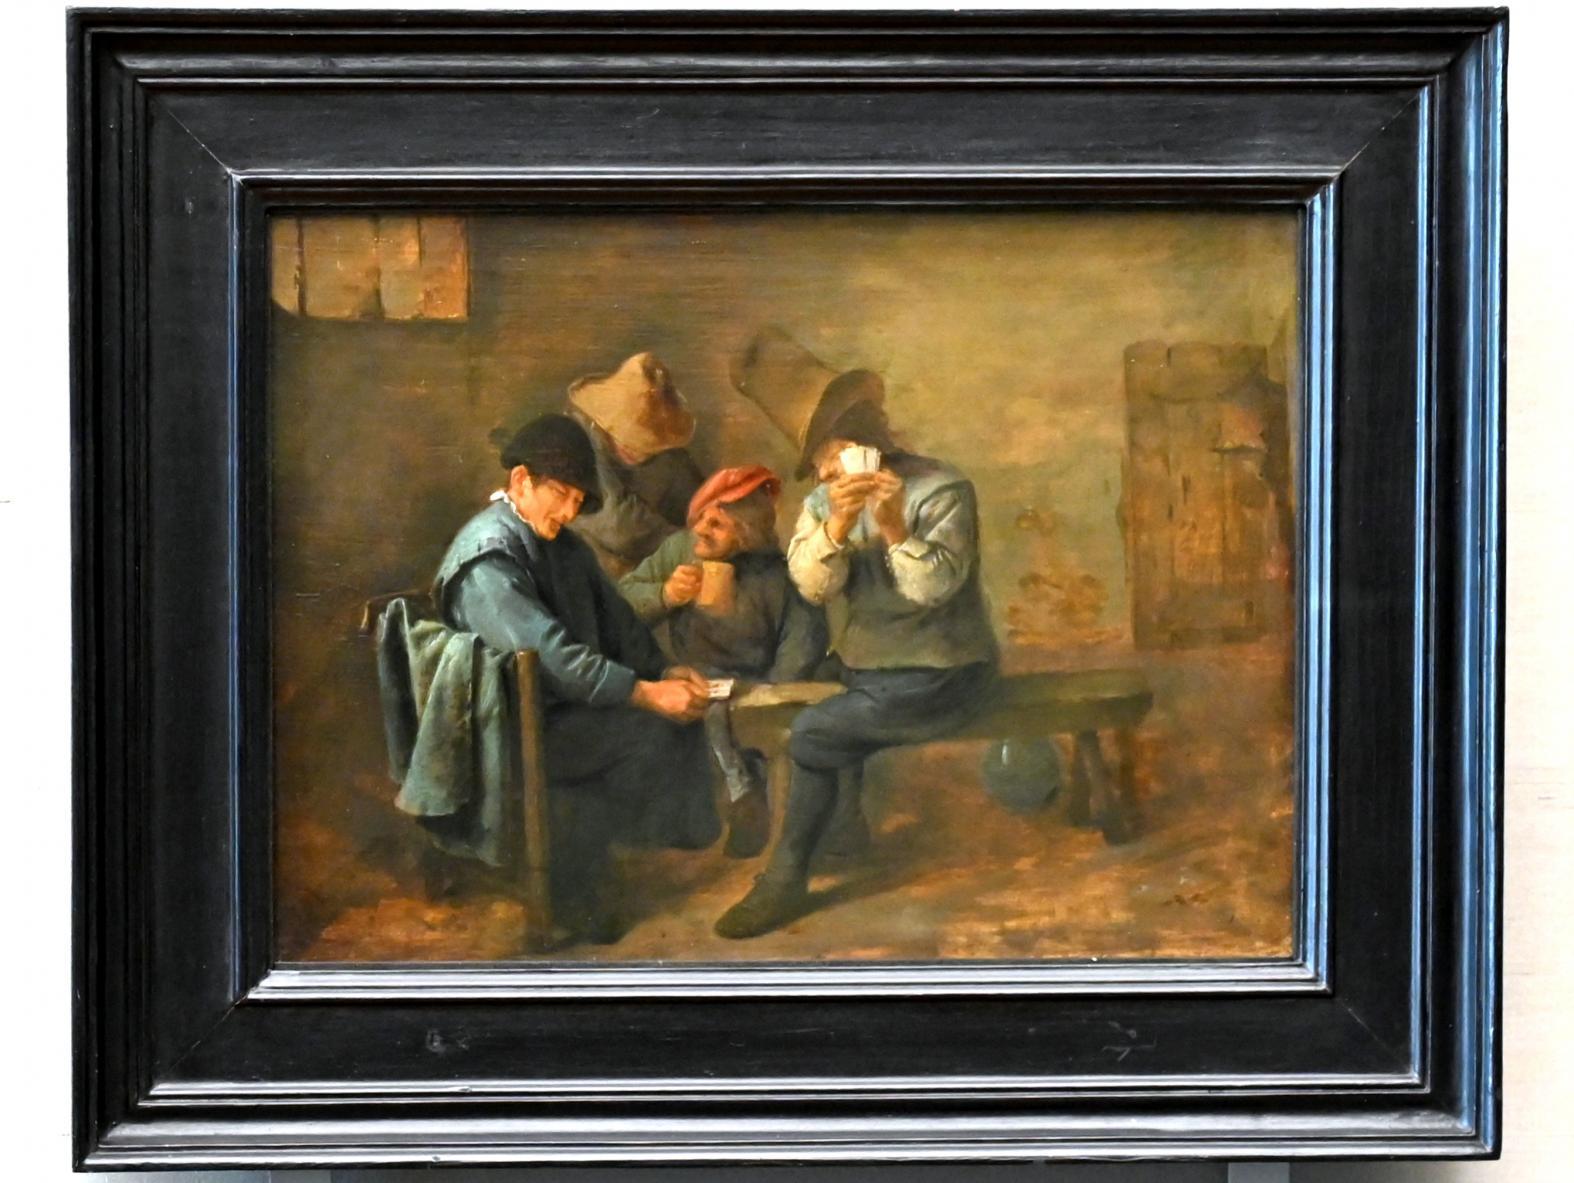 Adriaen Brouwer: Kartenspielende Bauern, 1625 - 1638